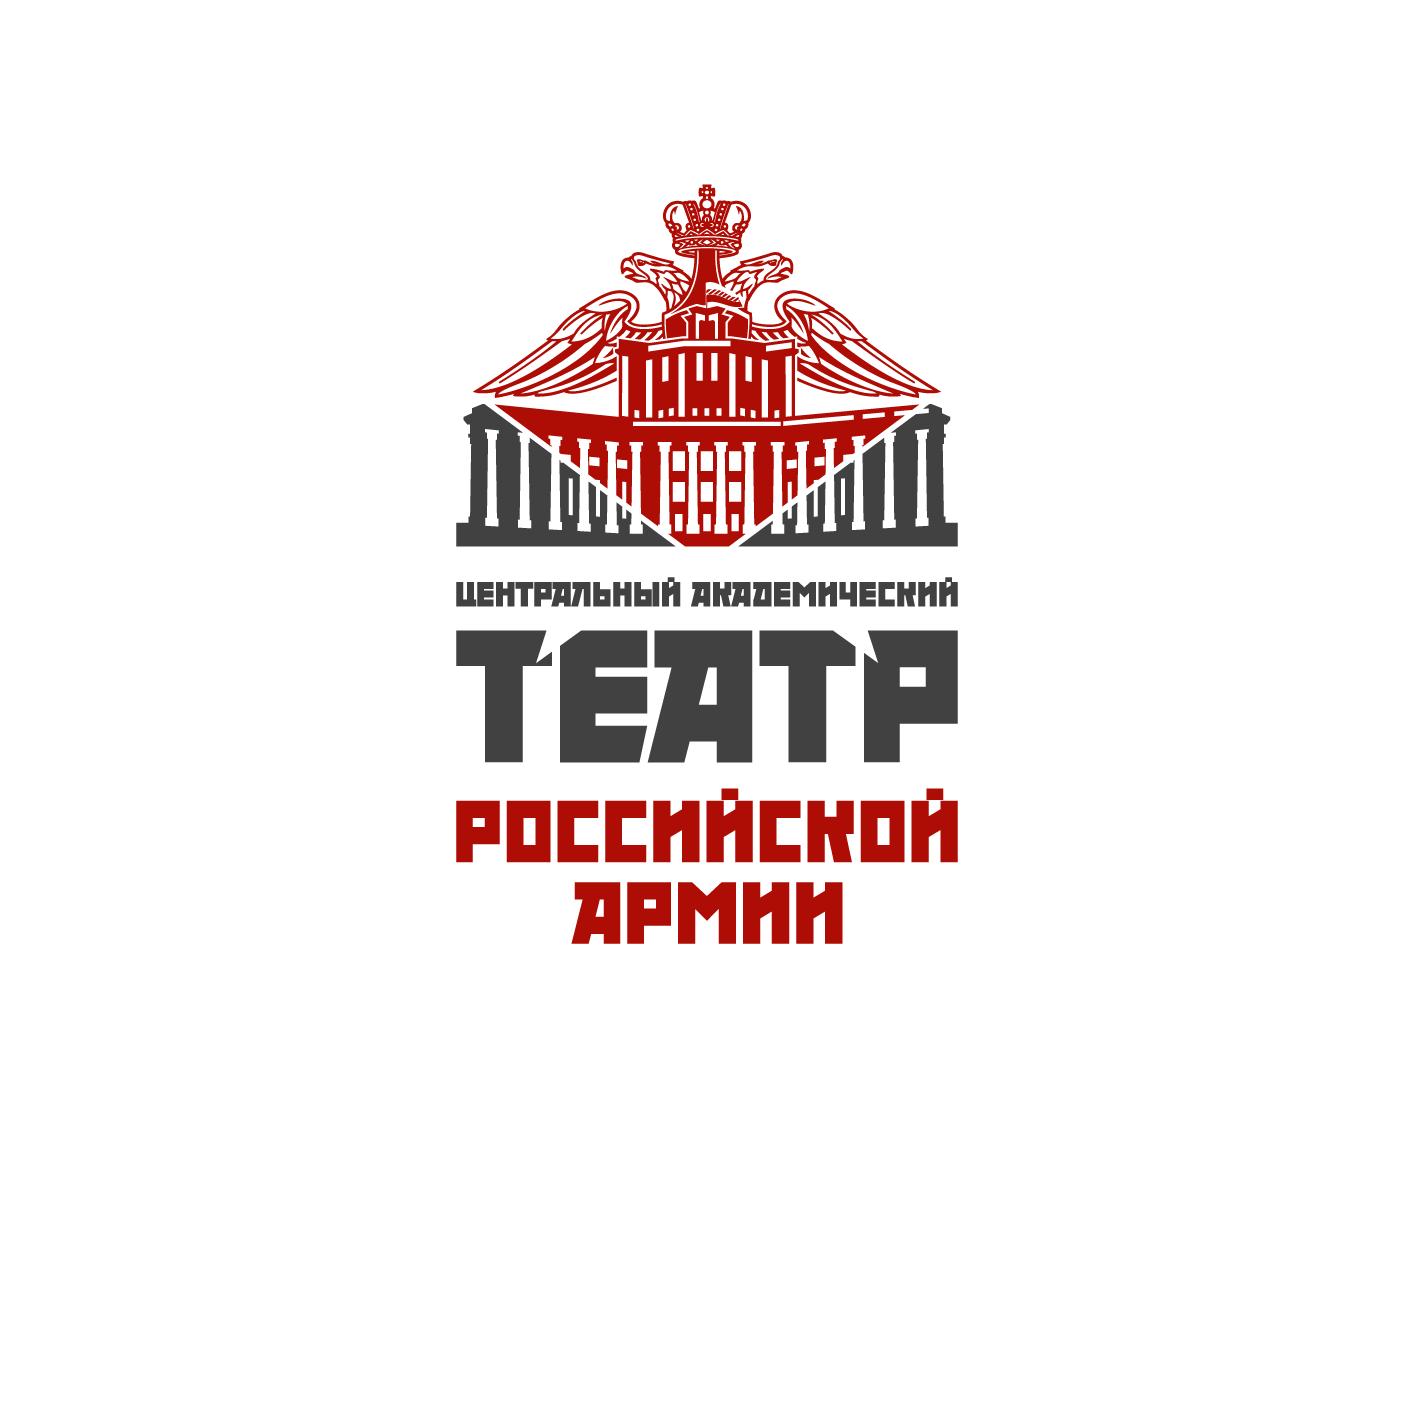 Разработка логотипа для Театра Российской Армии фото f_760588cedb725eca.png